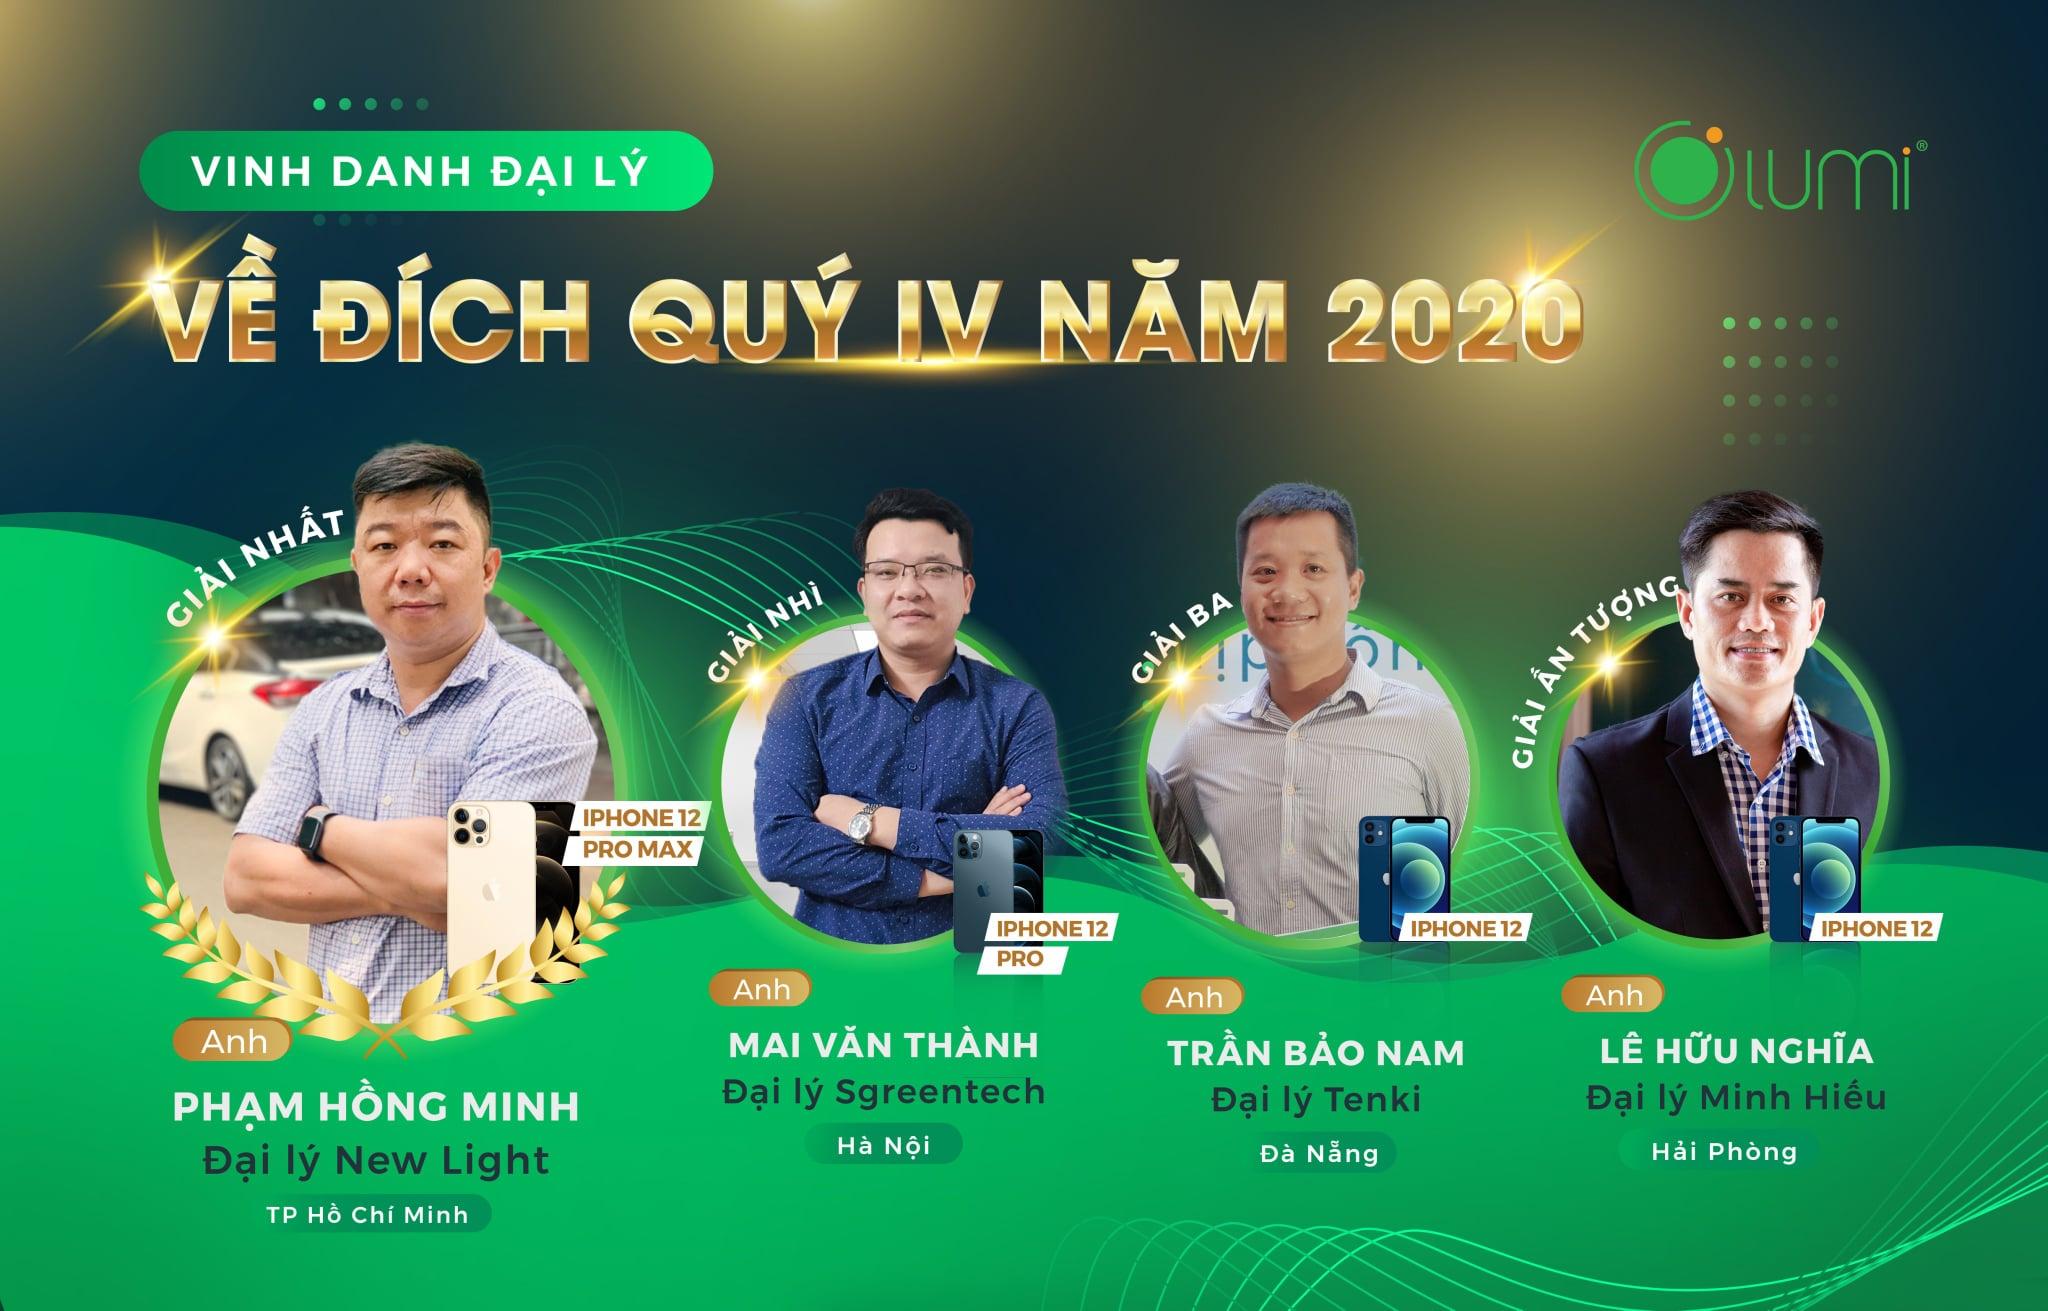 Đại lý Nhà Thông Minh LUMI Đà Nẵng Công ty Tenki Đà Nẵng